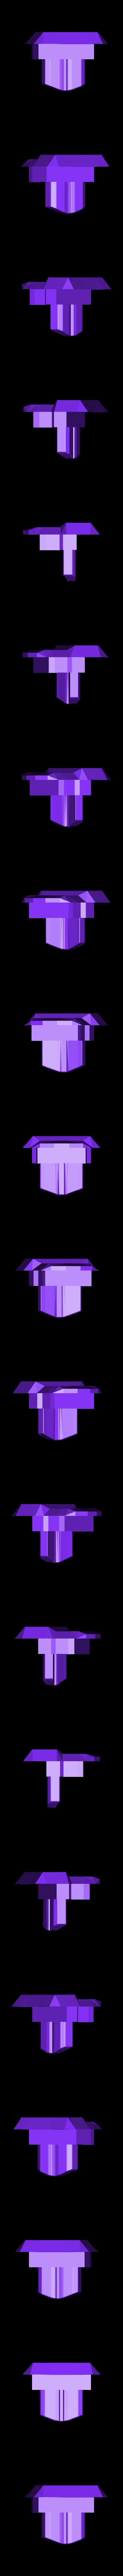 HEAD_PT3.stl Download free STL file TRANSFORMERS G1 ROTORSTORM ARTICULATION UPGRADE KIT • 3D printable design, sickofyou